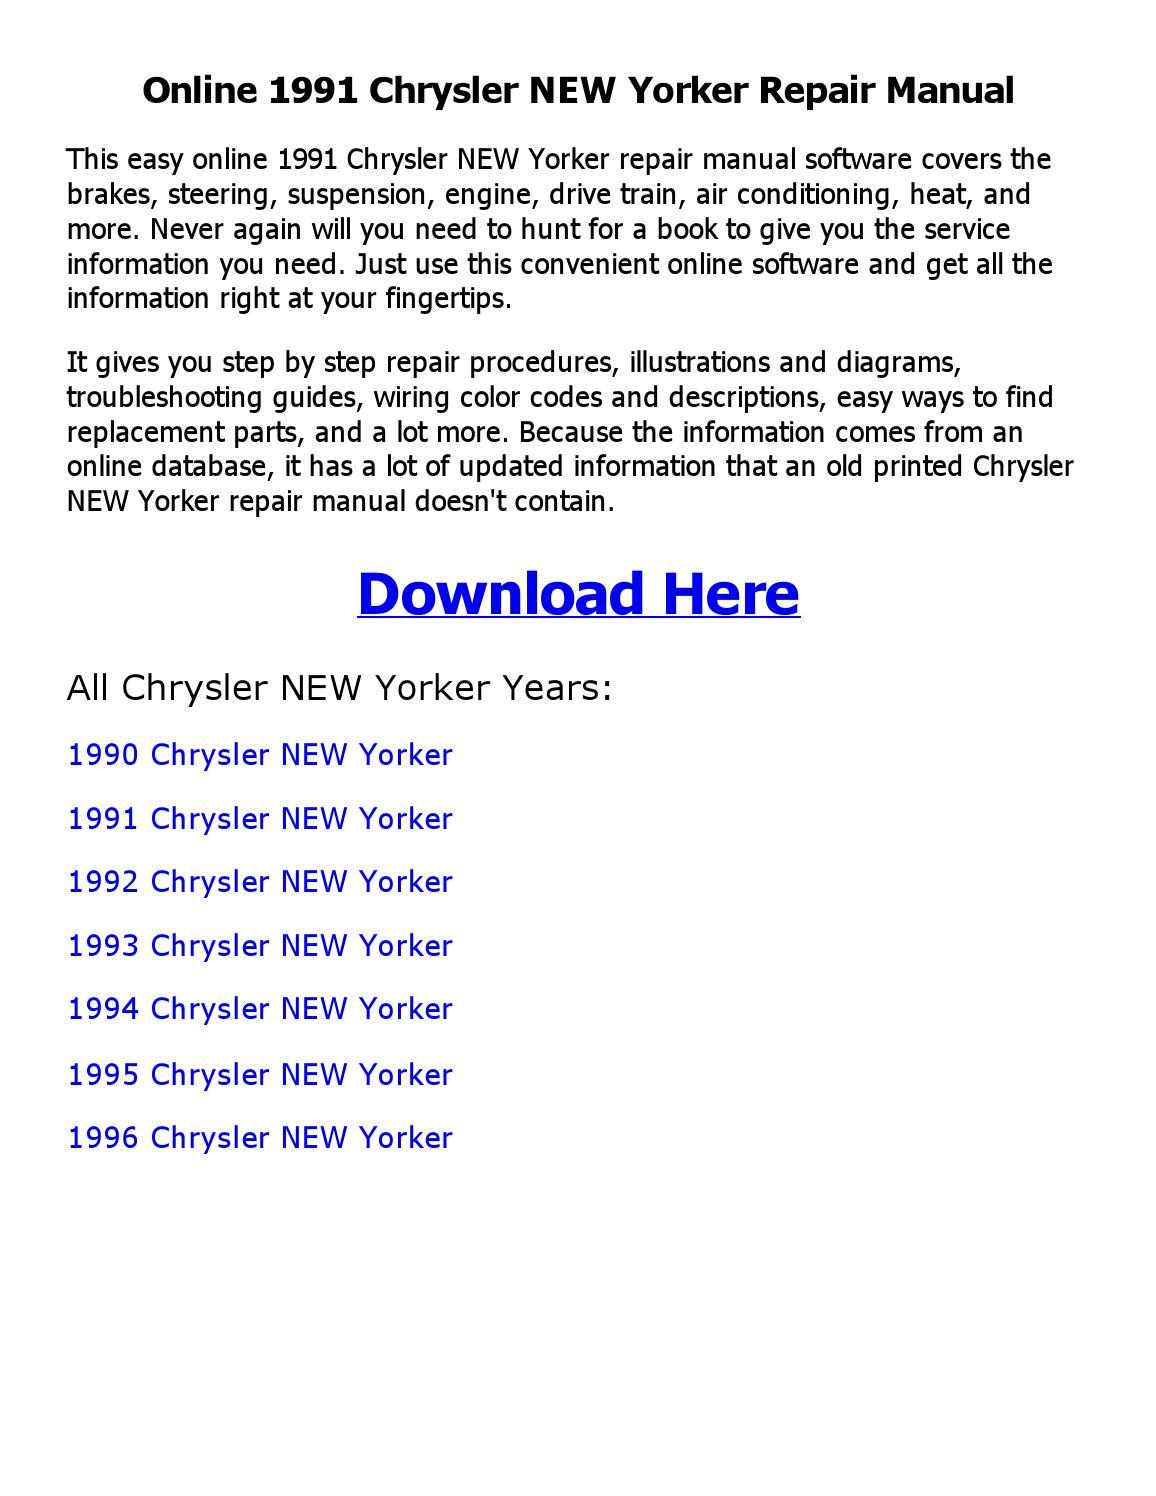 1991 Chrysler New Yorker Repair Manual Online By Ehs 1993 Issuu Diagrams